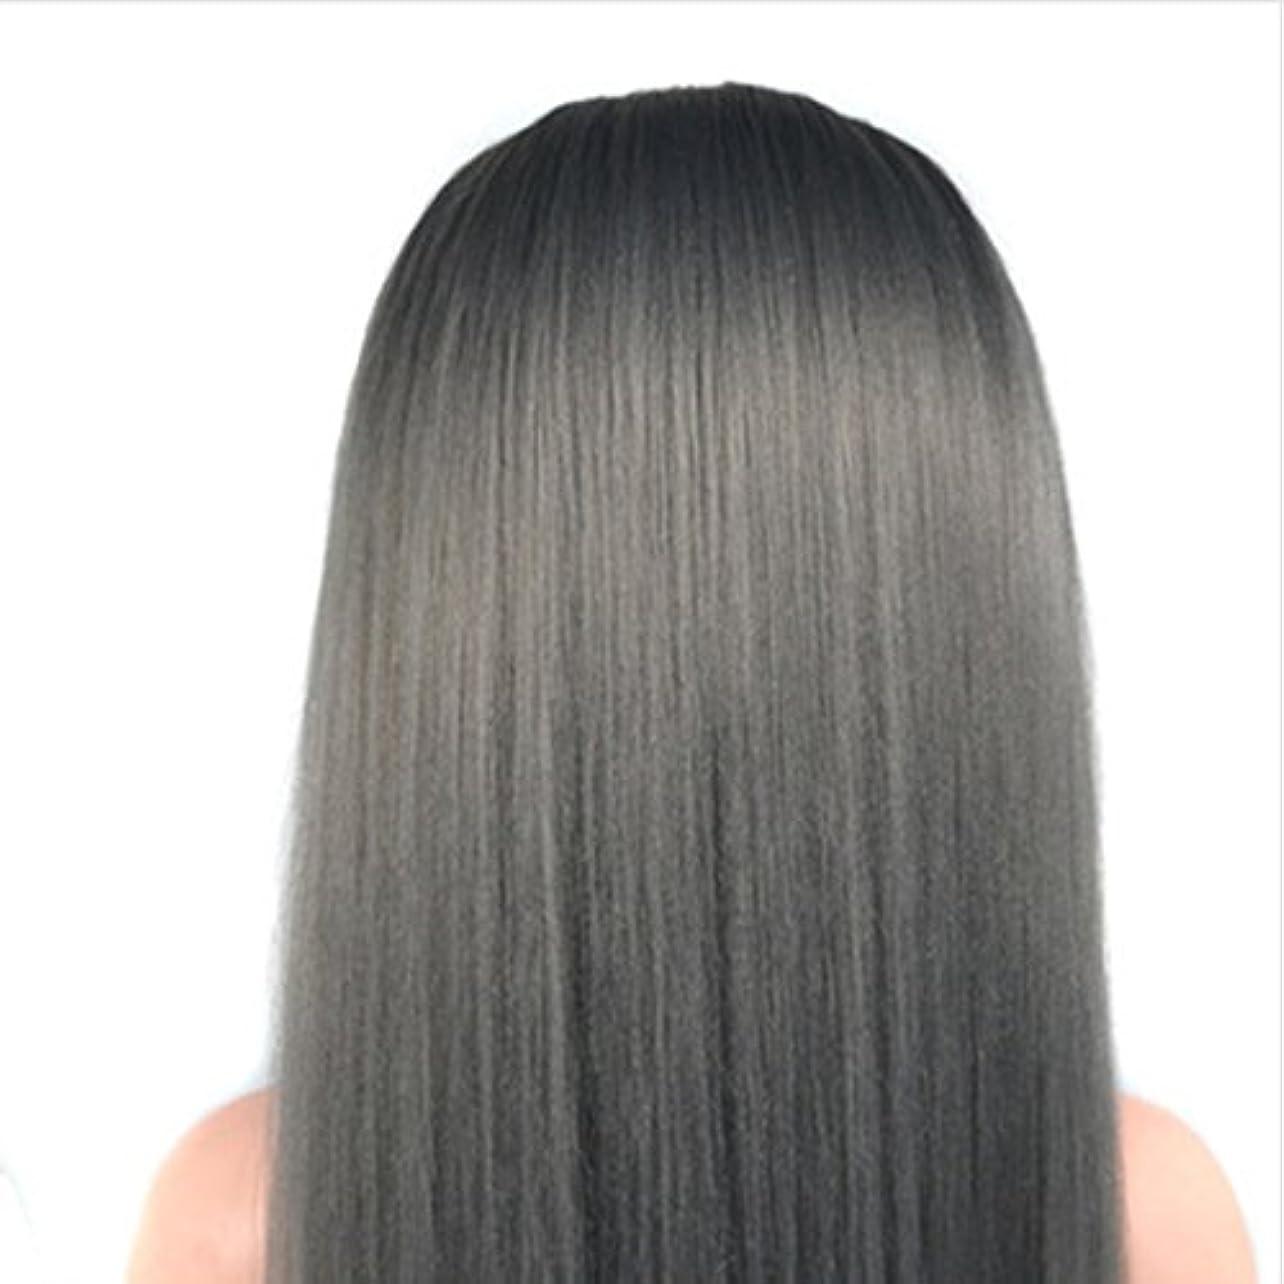 追放線形専門用語人間の毛髪が付いている60 cmのかつらの頭部の化粧品のマネキンのマネキンの訓練の頭部 ヘアケア (色 : Grandma gray)